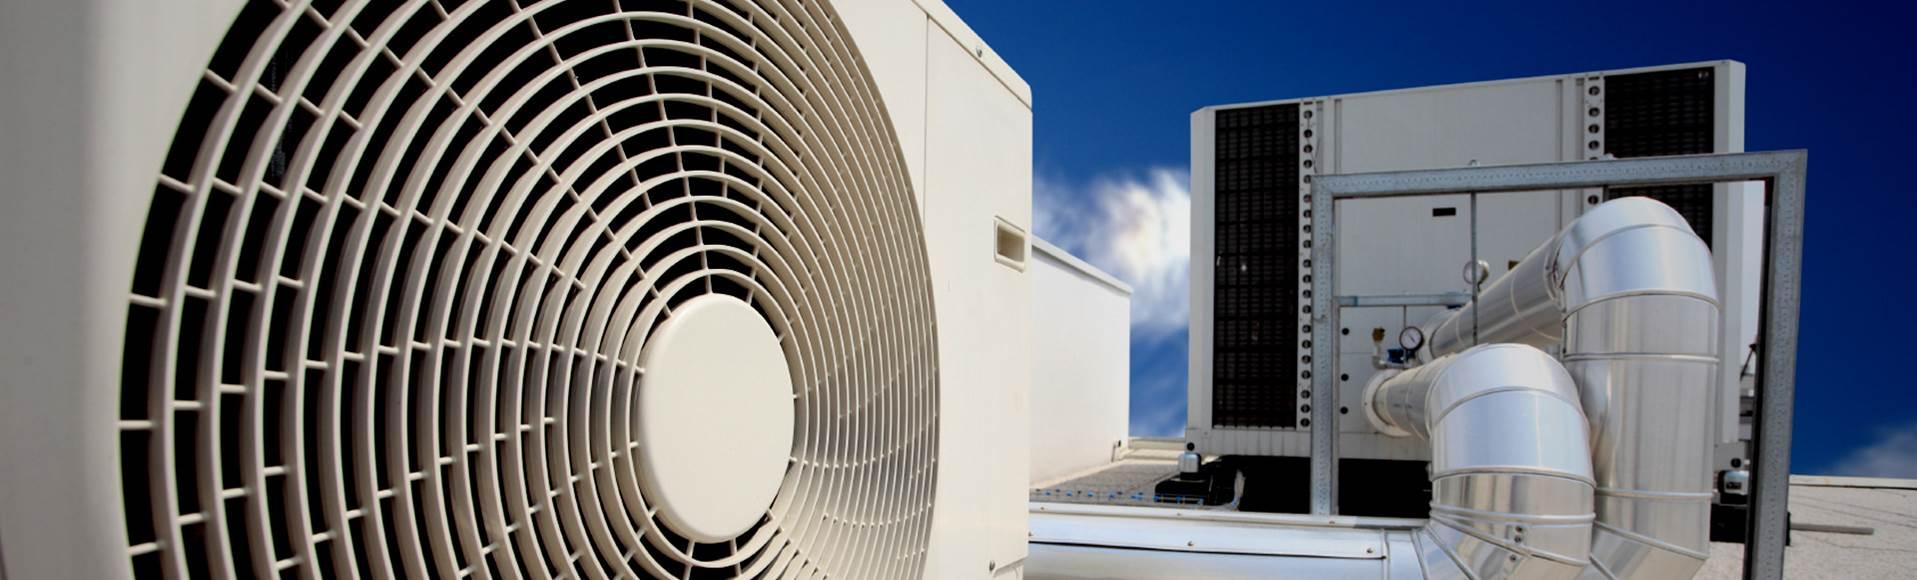 İklimlendirme Sistemlerinde Kurumsal İş Ortağı